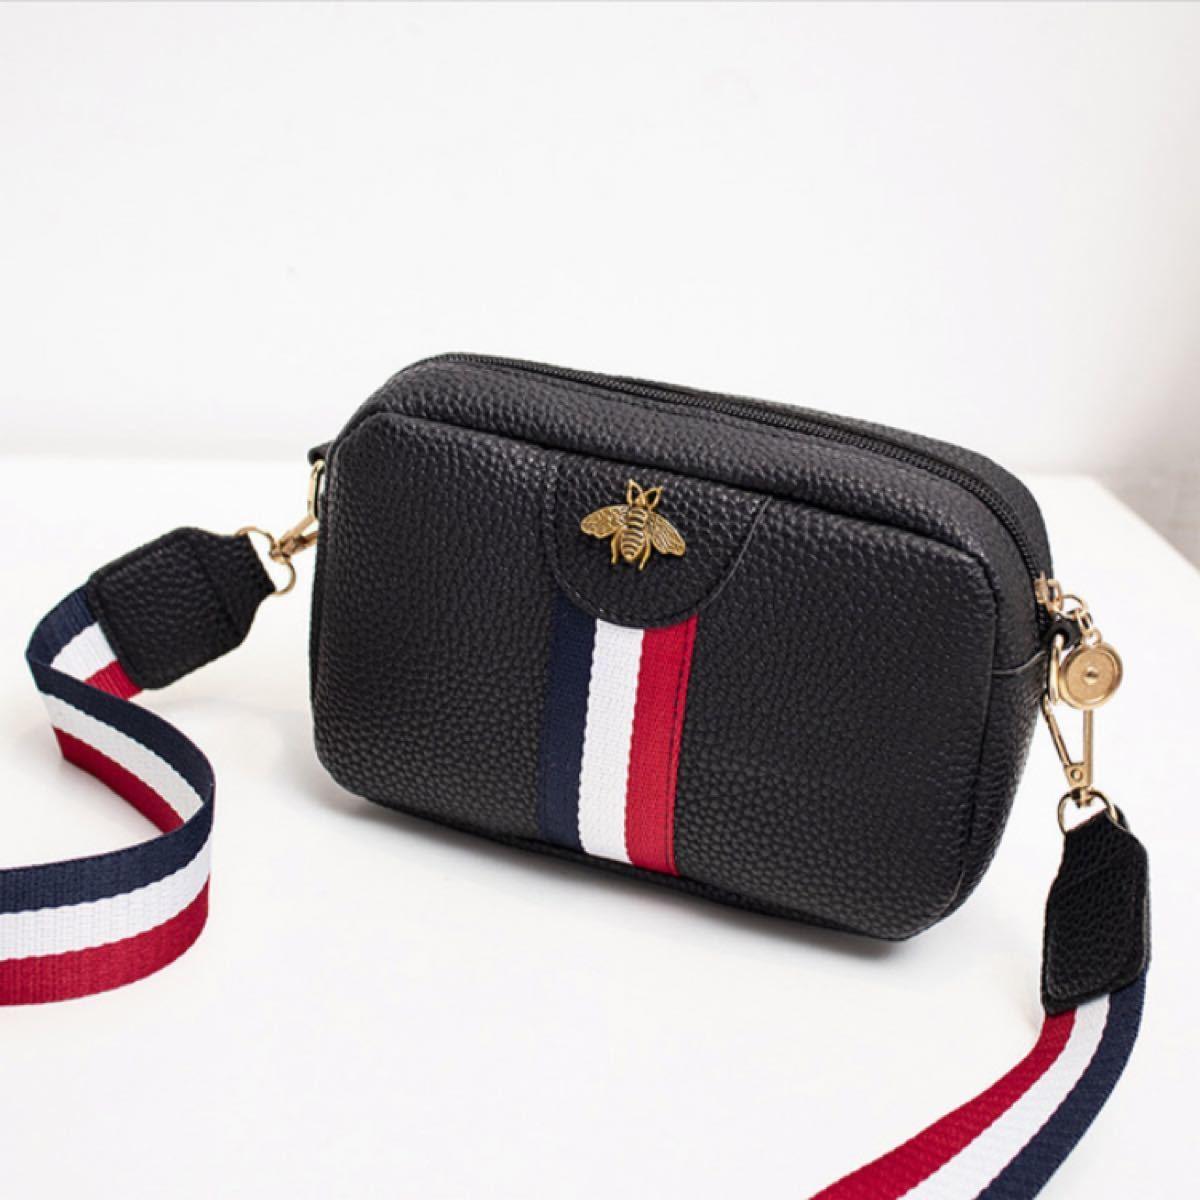 ショルダーバッグ ミニショルダー  黒 斜めがけ 韓国 軽量 化粧ポーチ 人気